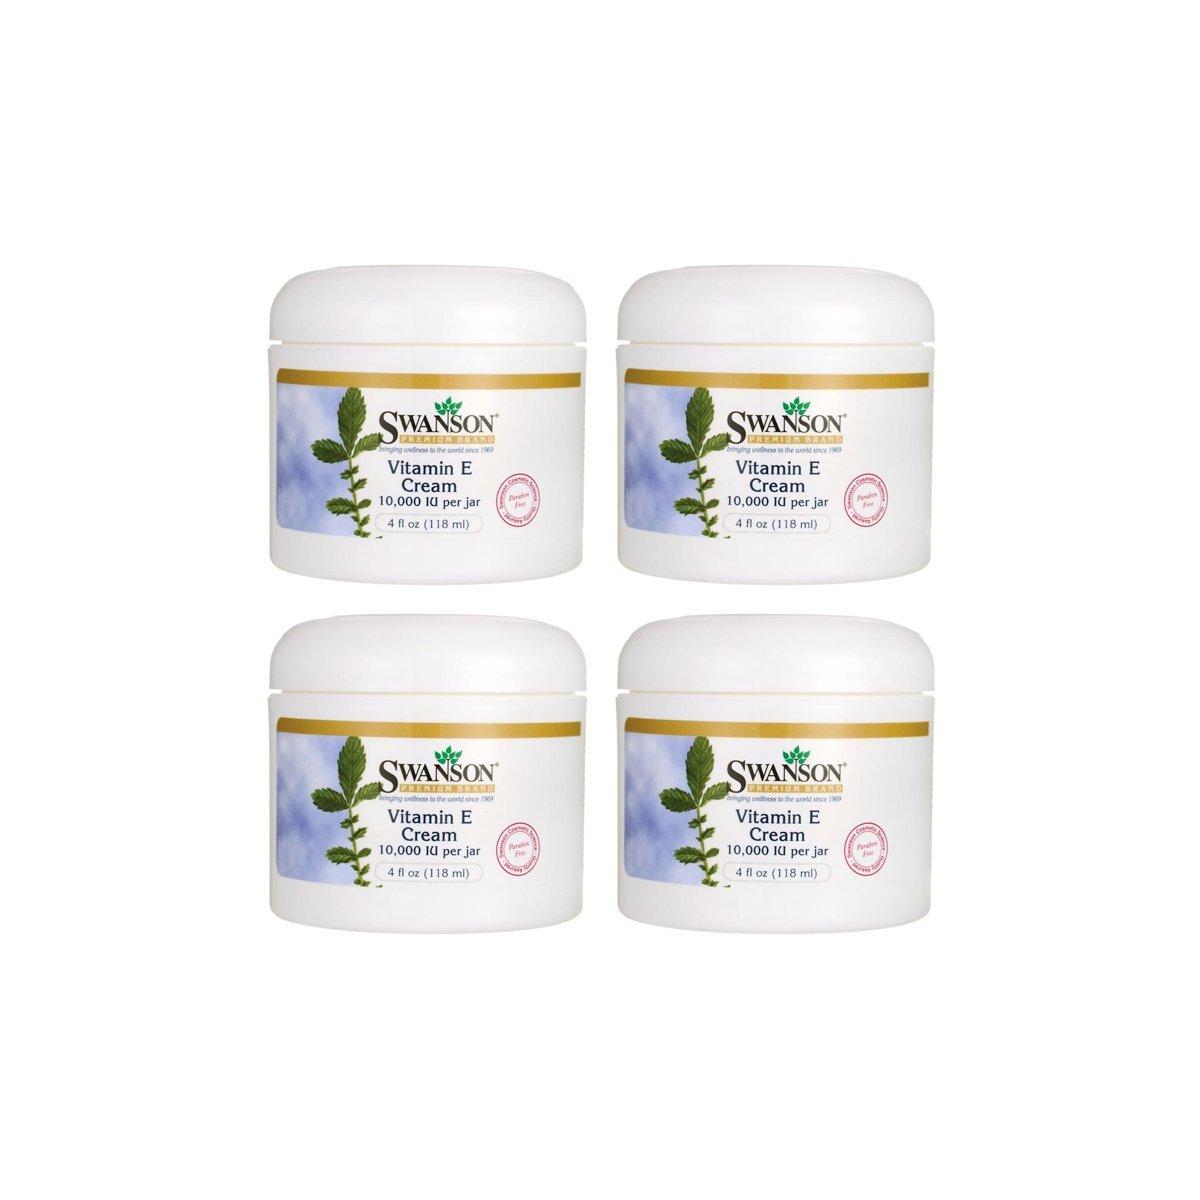 Swanson Vitamin E Cream 4 fl oz Cream 4 Pack